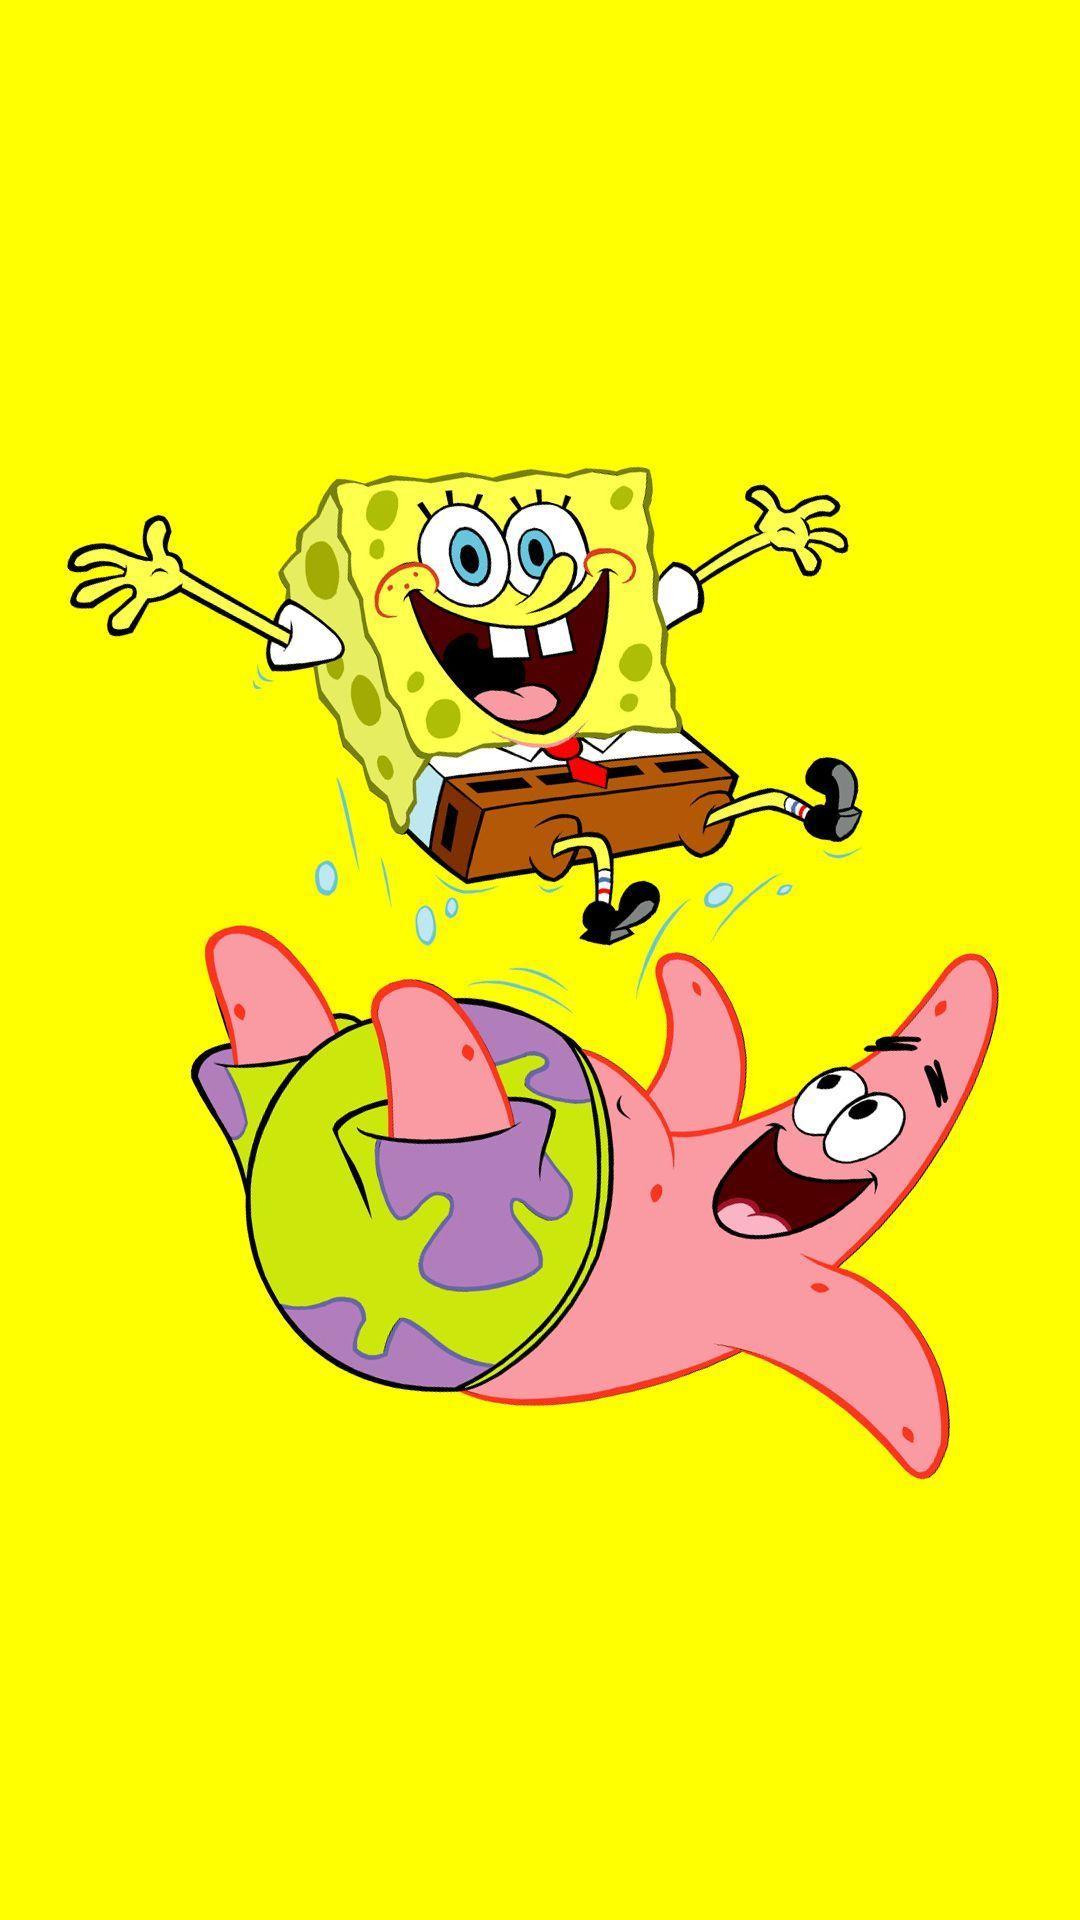 1080x1920 Bọt Biển Hài Hước Và Patrick.  Spongebob.  Hình nền